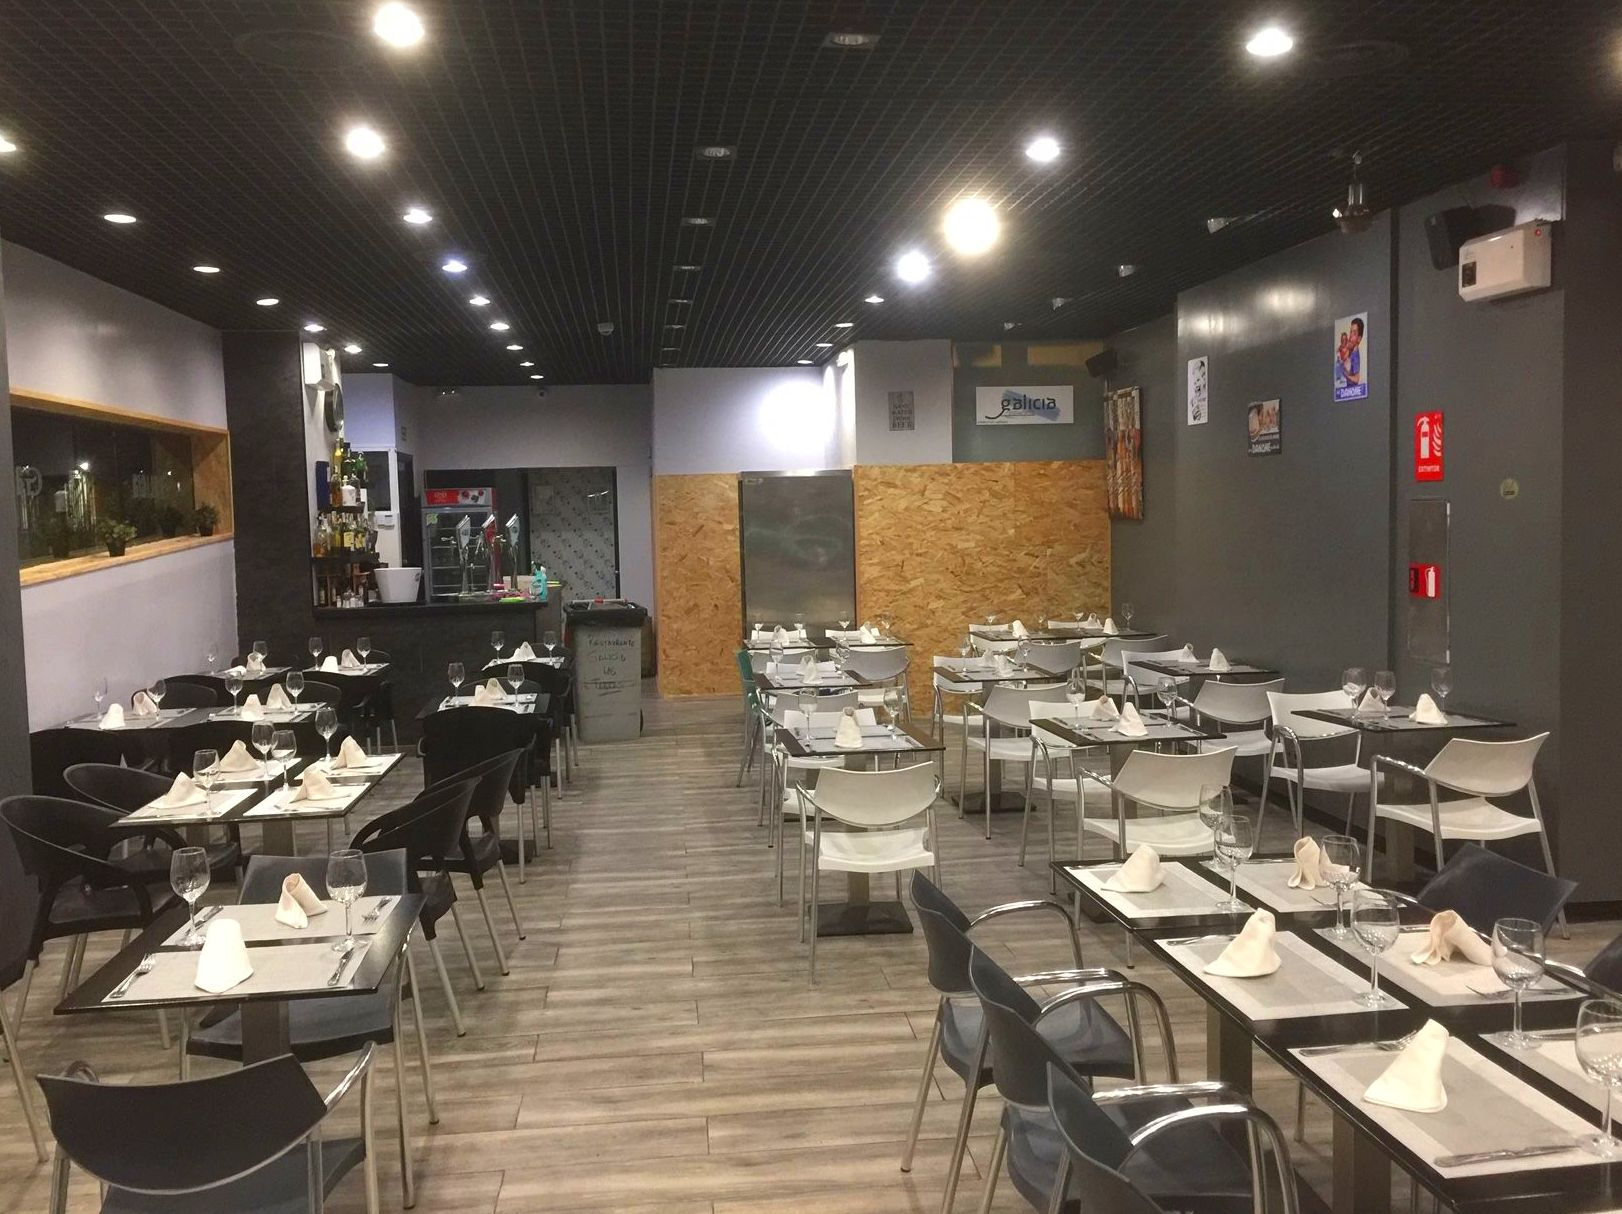 Foto 5 de Restaurante en Madrid | Restaurante Galicia Las Tablas